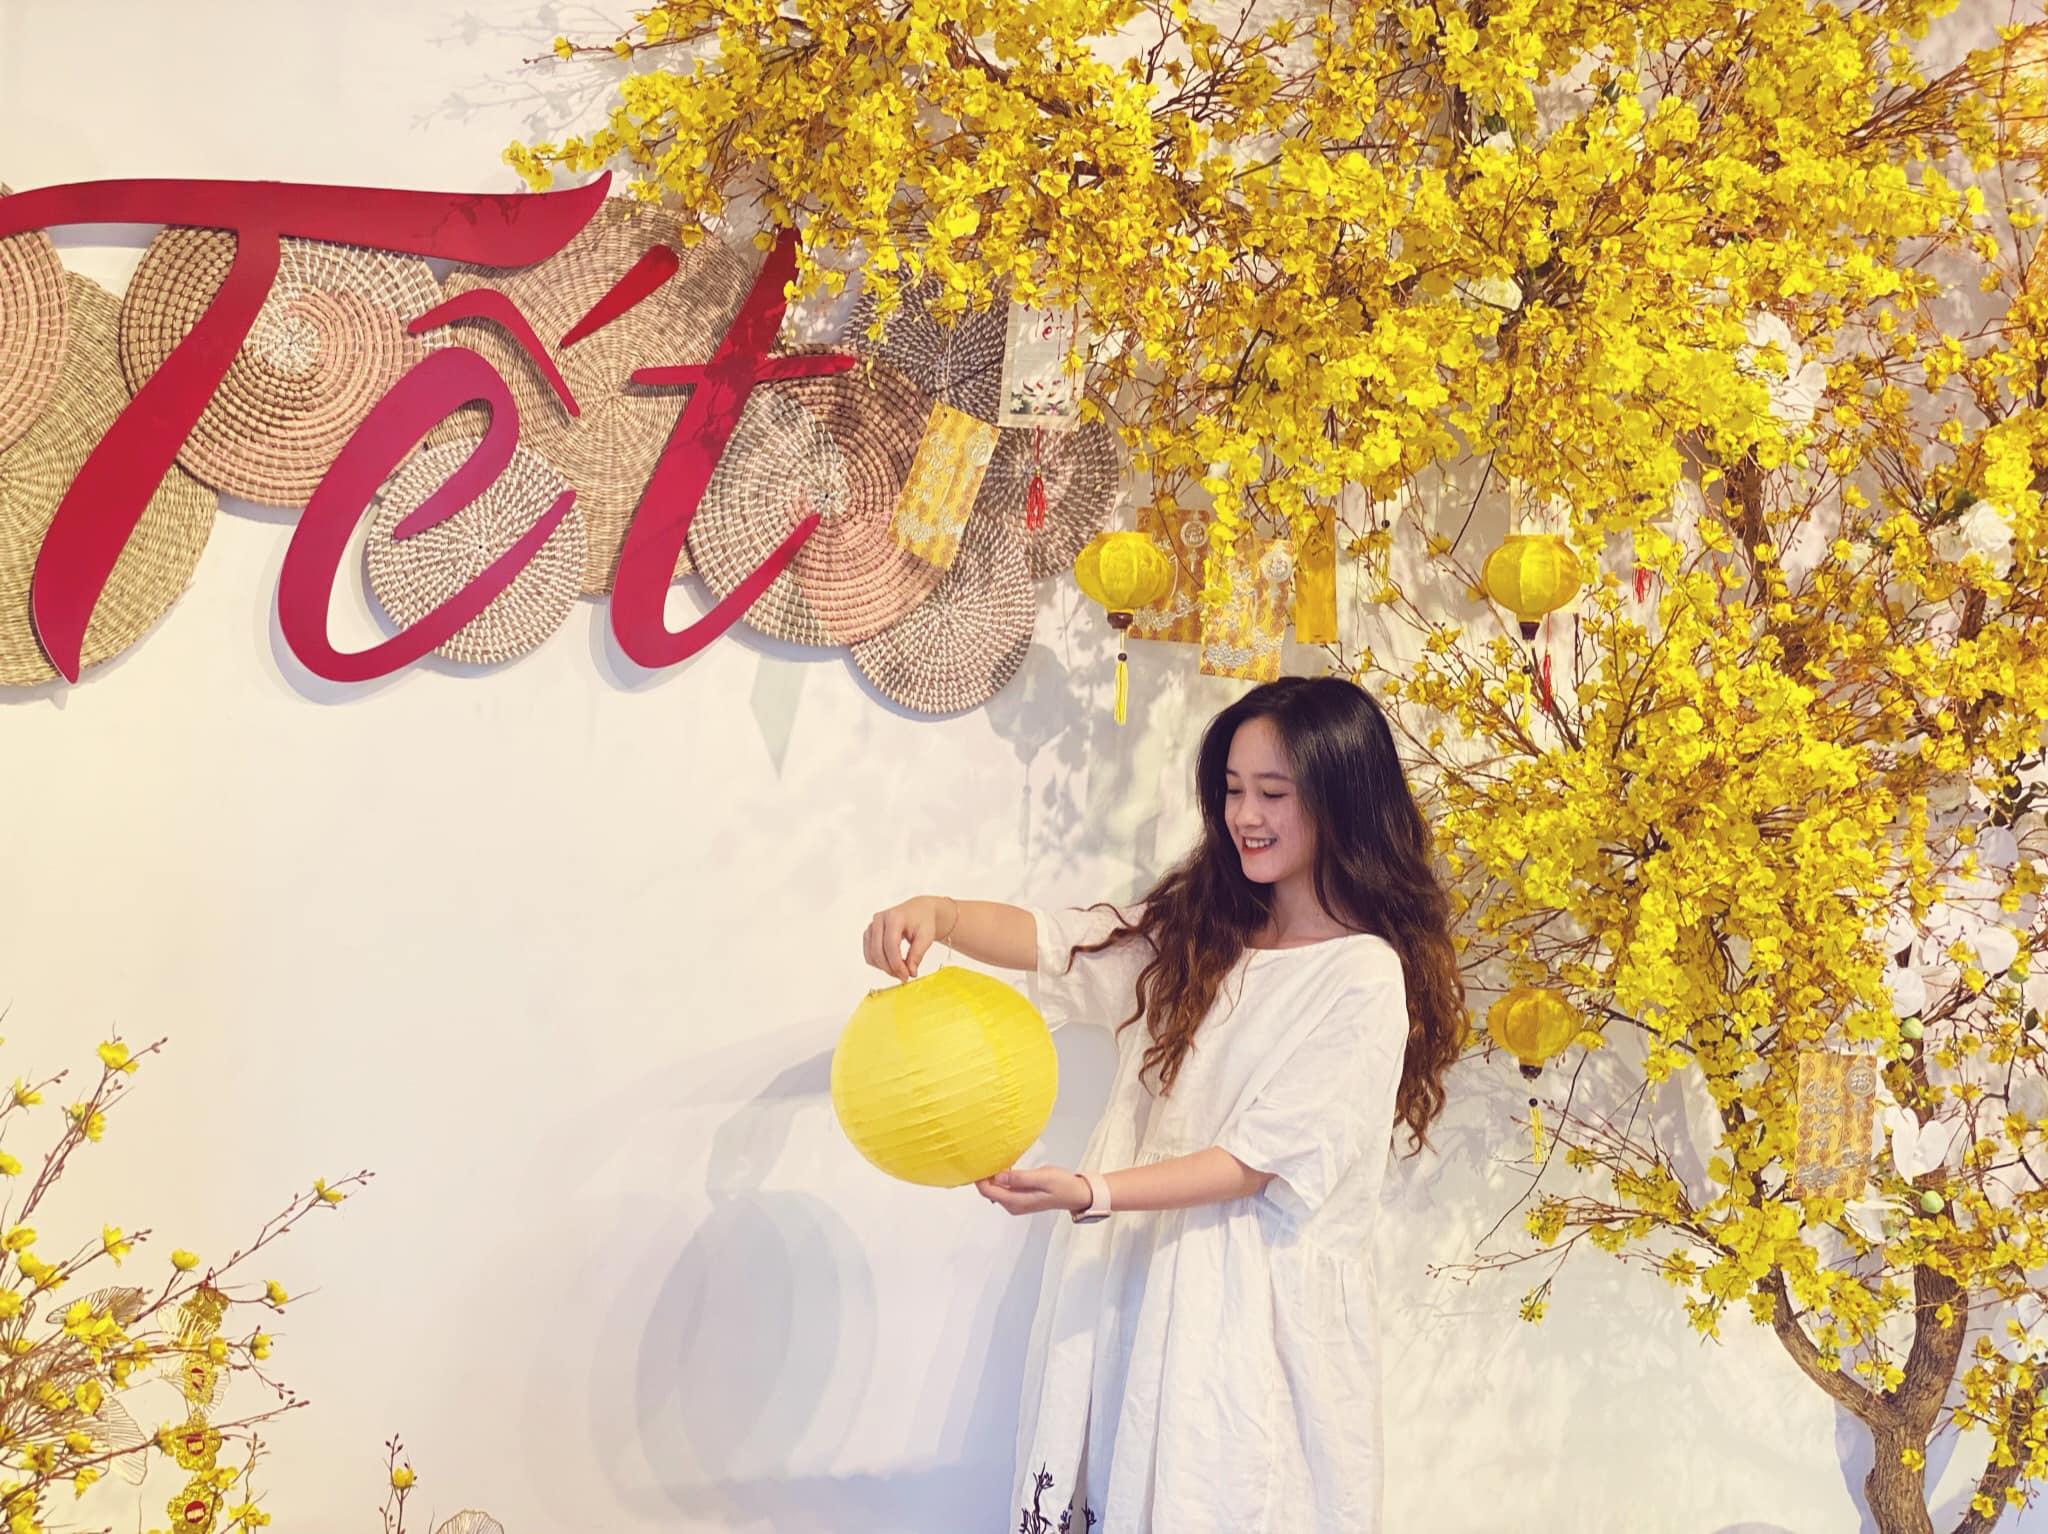 Cherish Coffee & Desserts - 238 Kinh Dương Vương, Liên Chiểu, Đà Nẵng